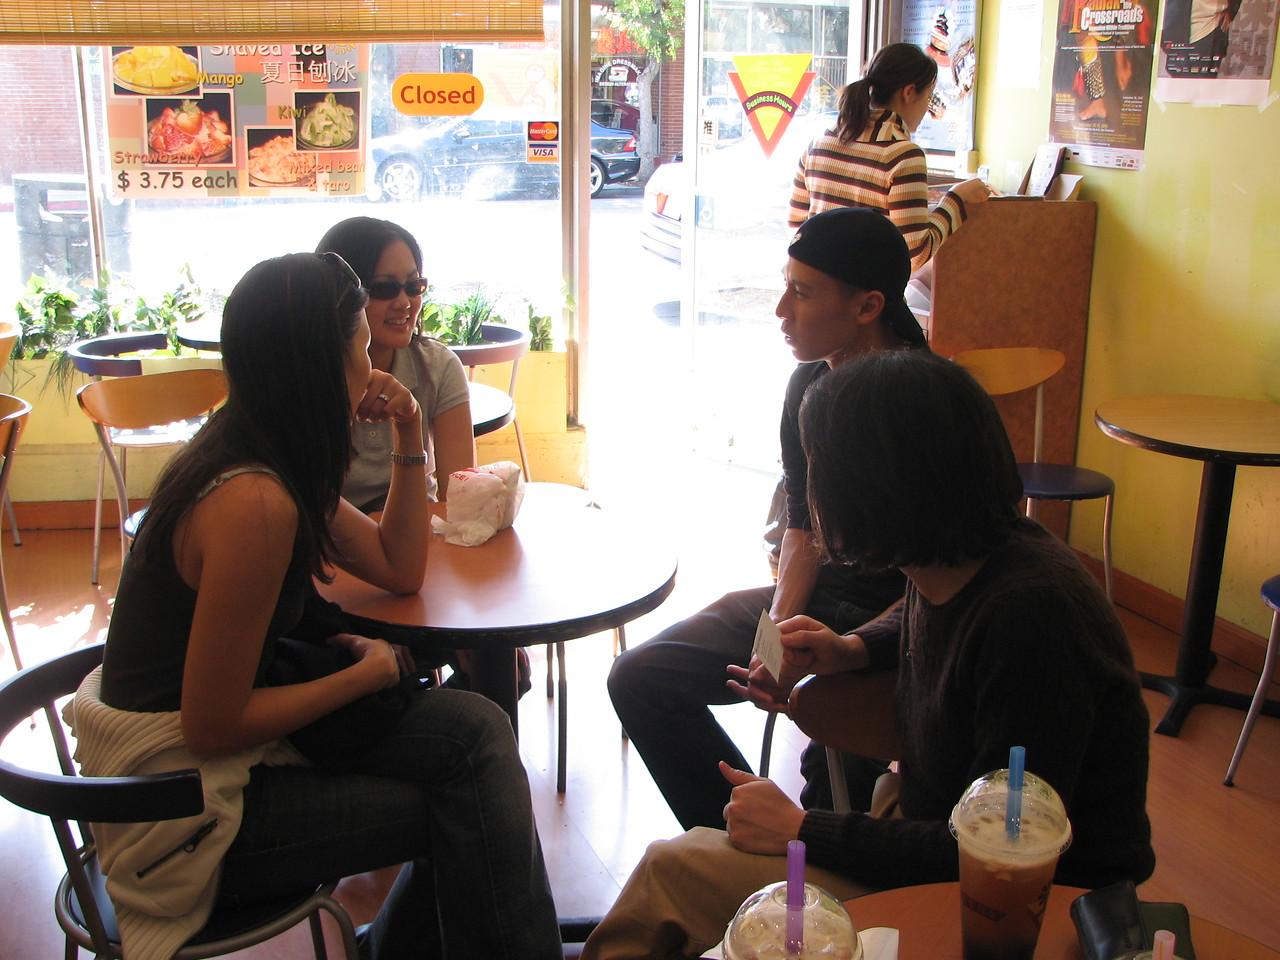 2006 10 07 Sat - Old EFC'ers post lunch boba @ Café Verde in MV - Leslie Lee, Bernice Chen, Dave Lee, & Susan Lien